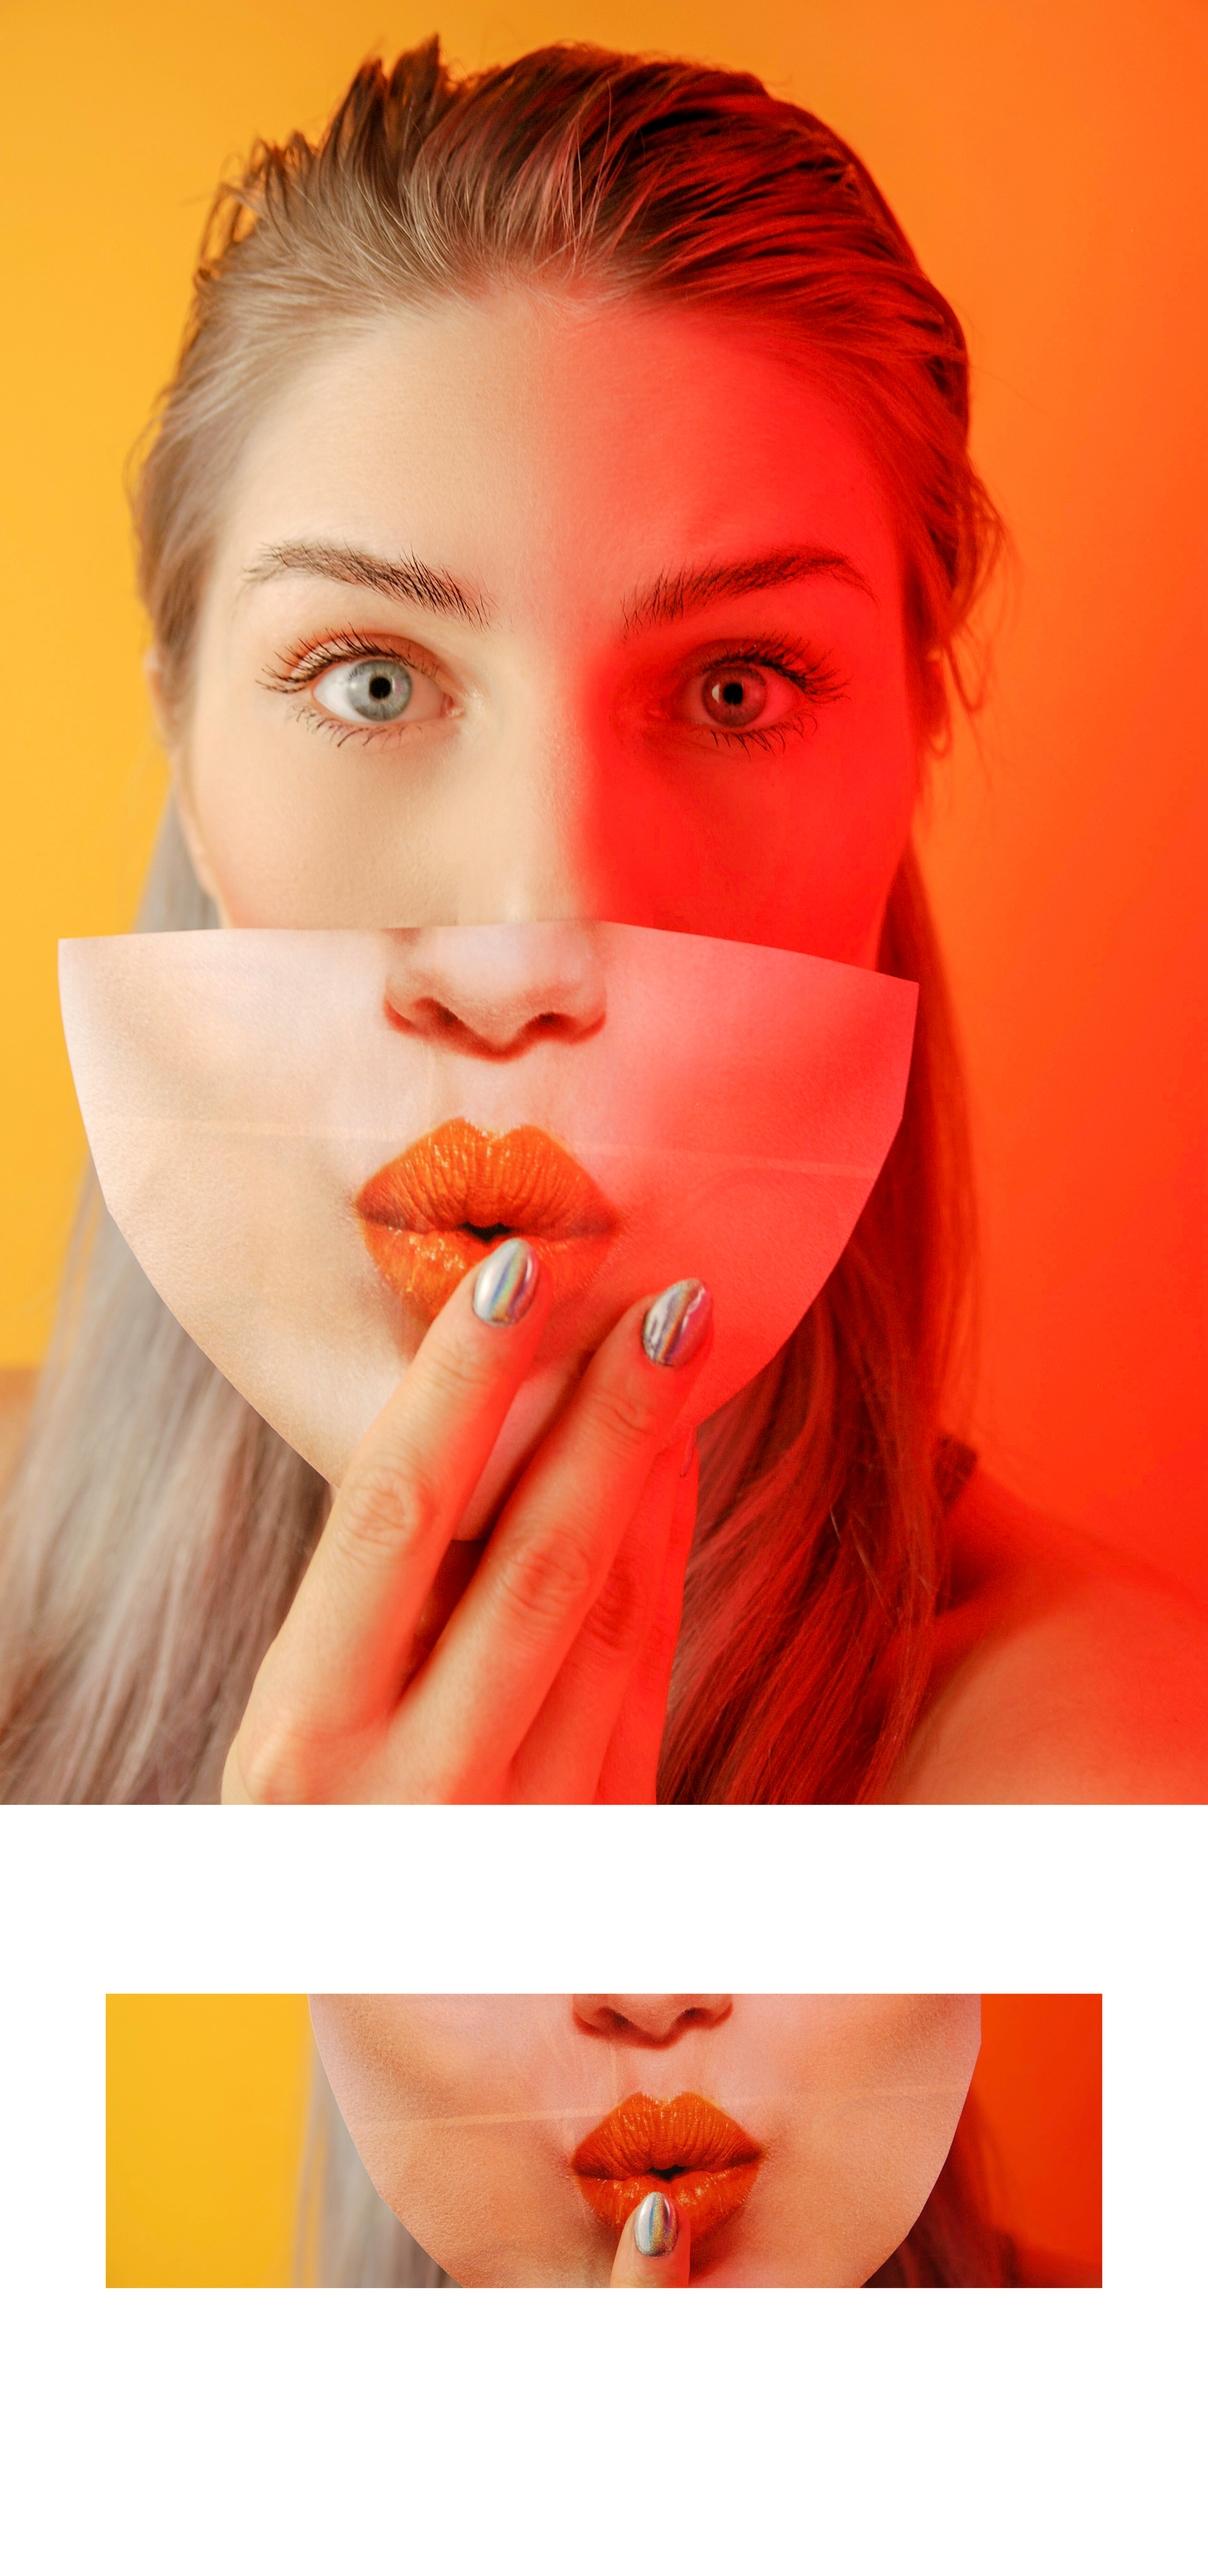 Obraz przedstawia dwa zdjęcia. Na większym widzimy młodą kobietę, która przysłania sobie twarz kawałkiem zdjęcia innej twarzy. Na dole na małym fragmencie zdjęcia widzimy ustai palec.